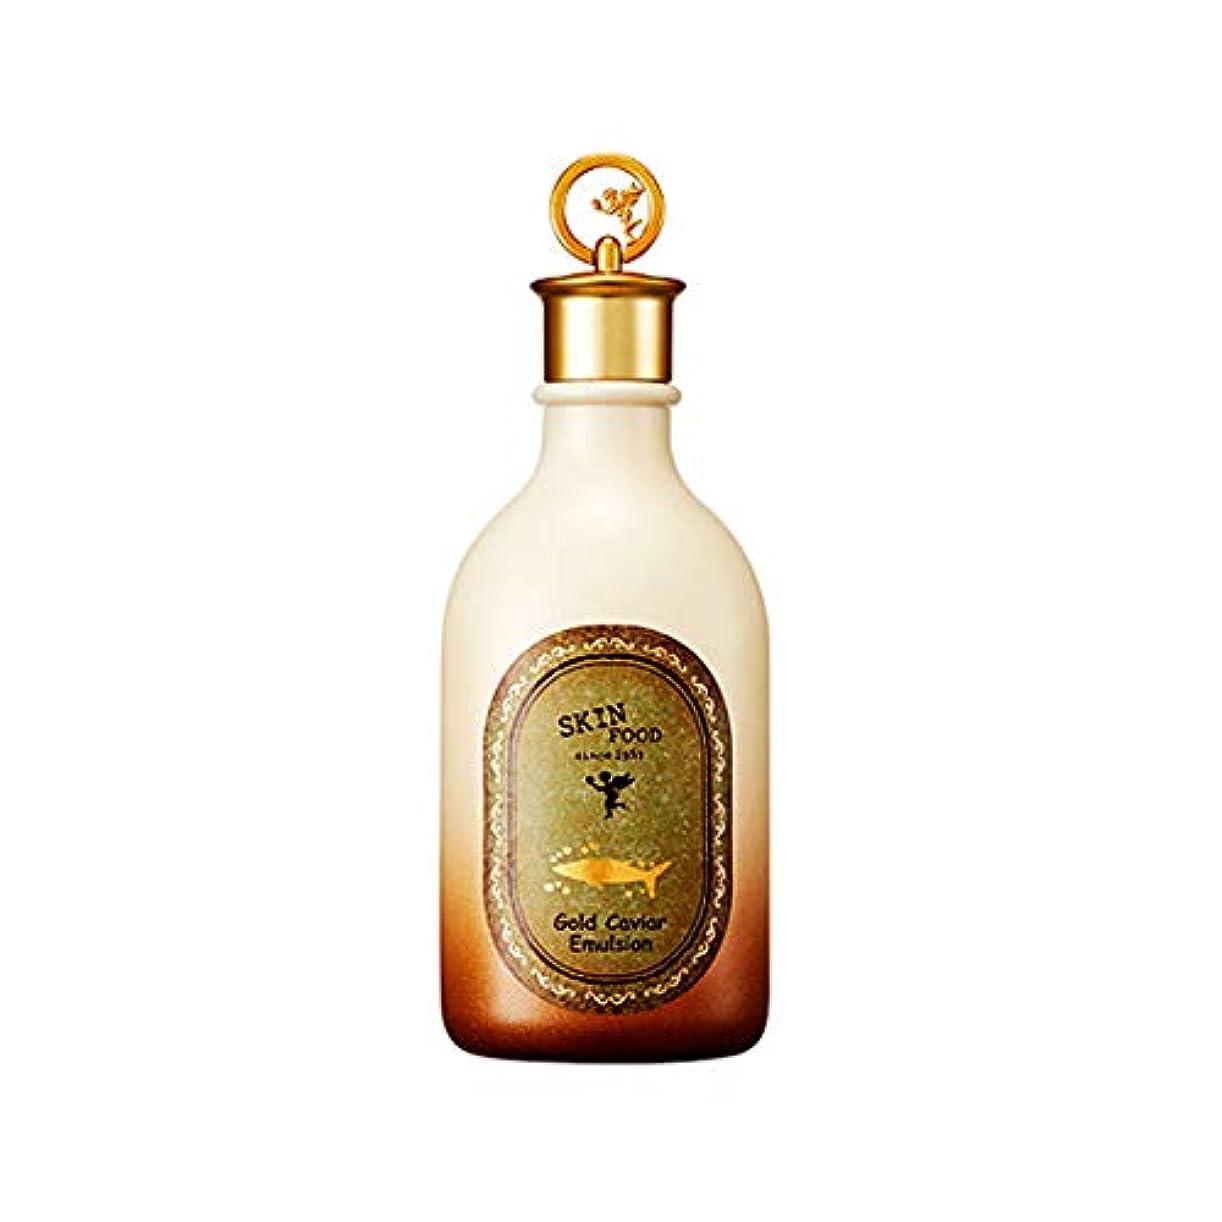 放映細心のロードされたSkinfood ゴールドキャビアエマルジョン(しわケア) / Gold Caviar Emulsion (Wrinkle care) 145ml [並行輸入品]